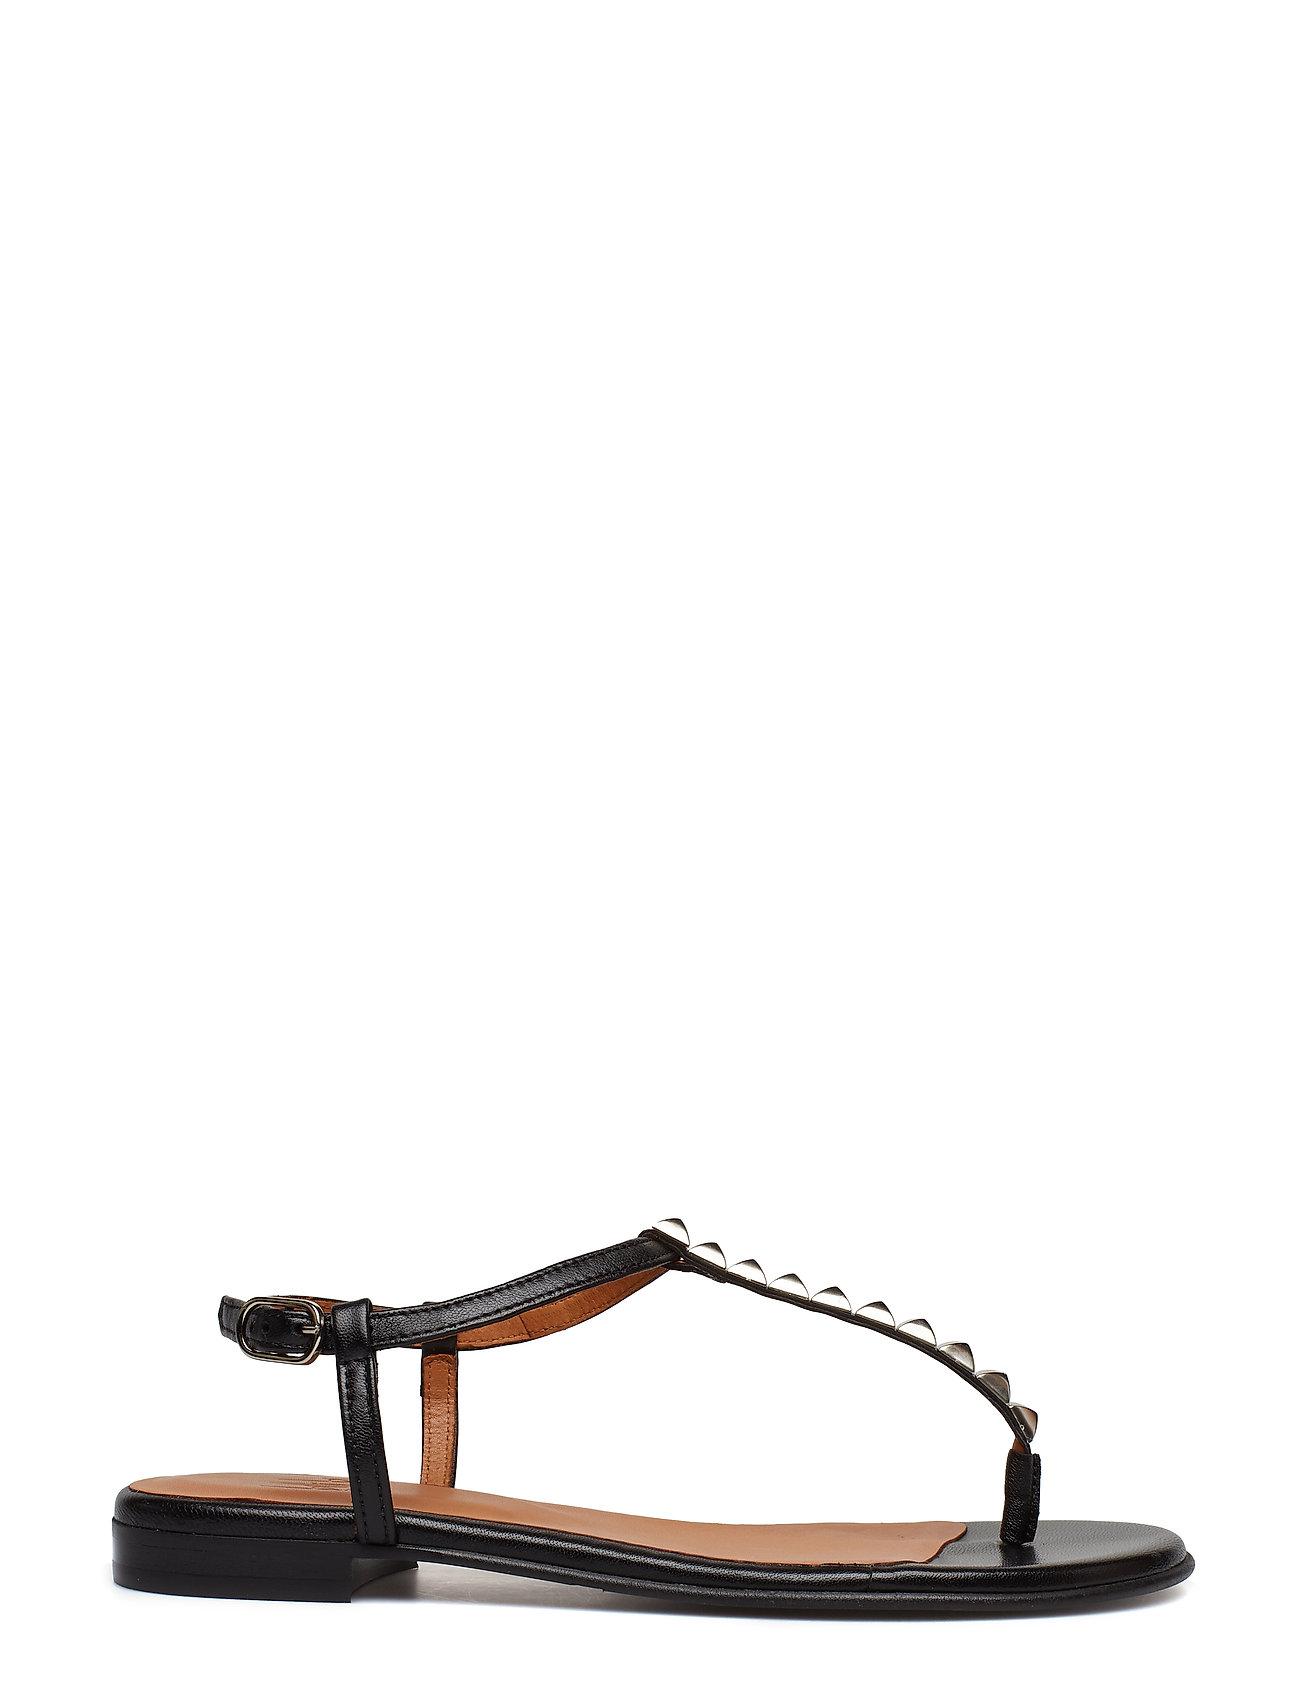 4a0e3834 Shoes 8623 flade sandaler fra Billi Bi til dame i LEOPARDO SUEDE ...